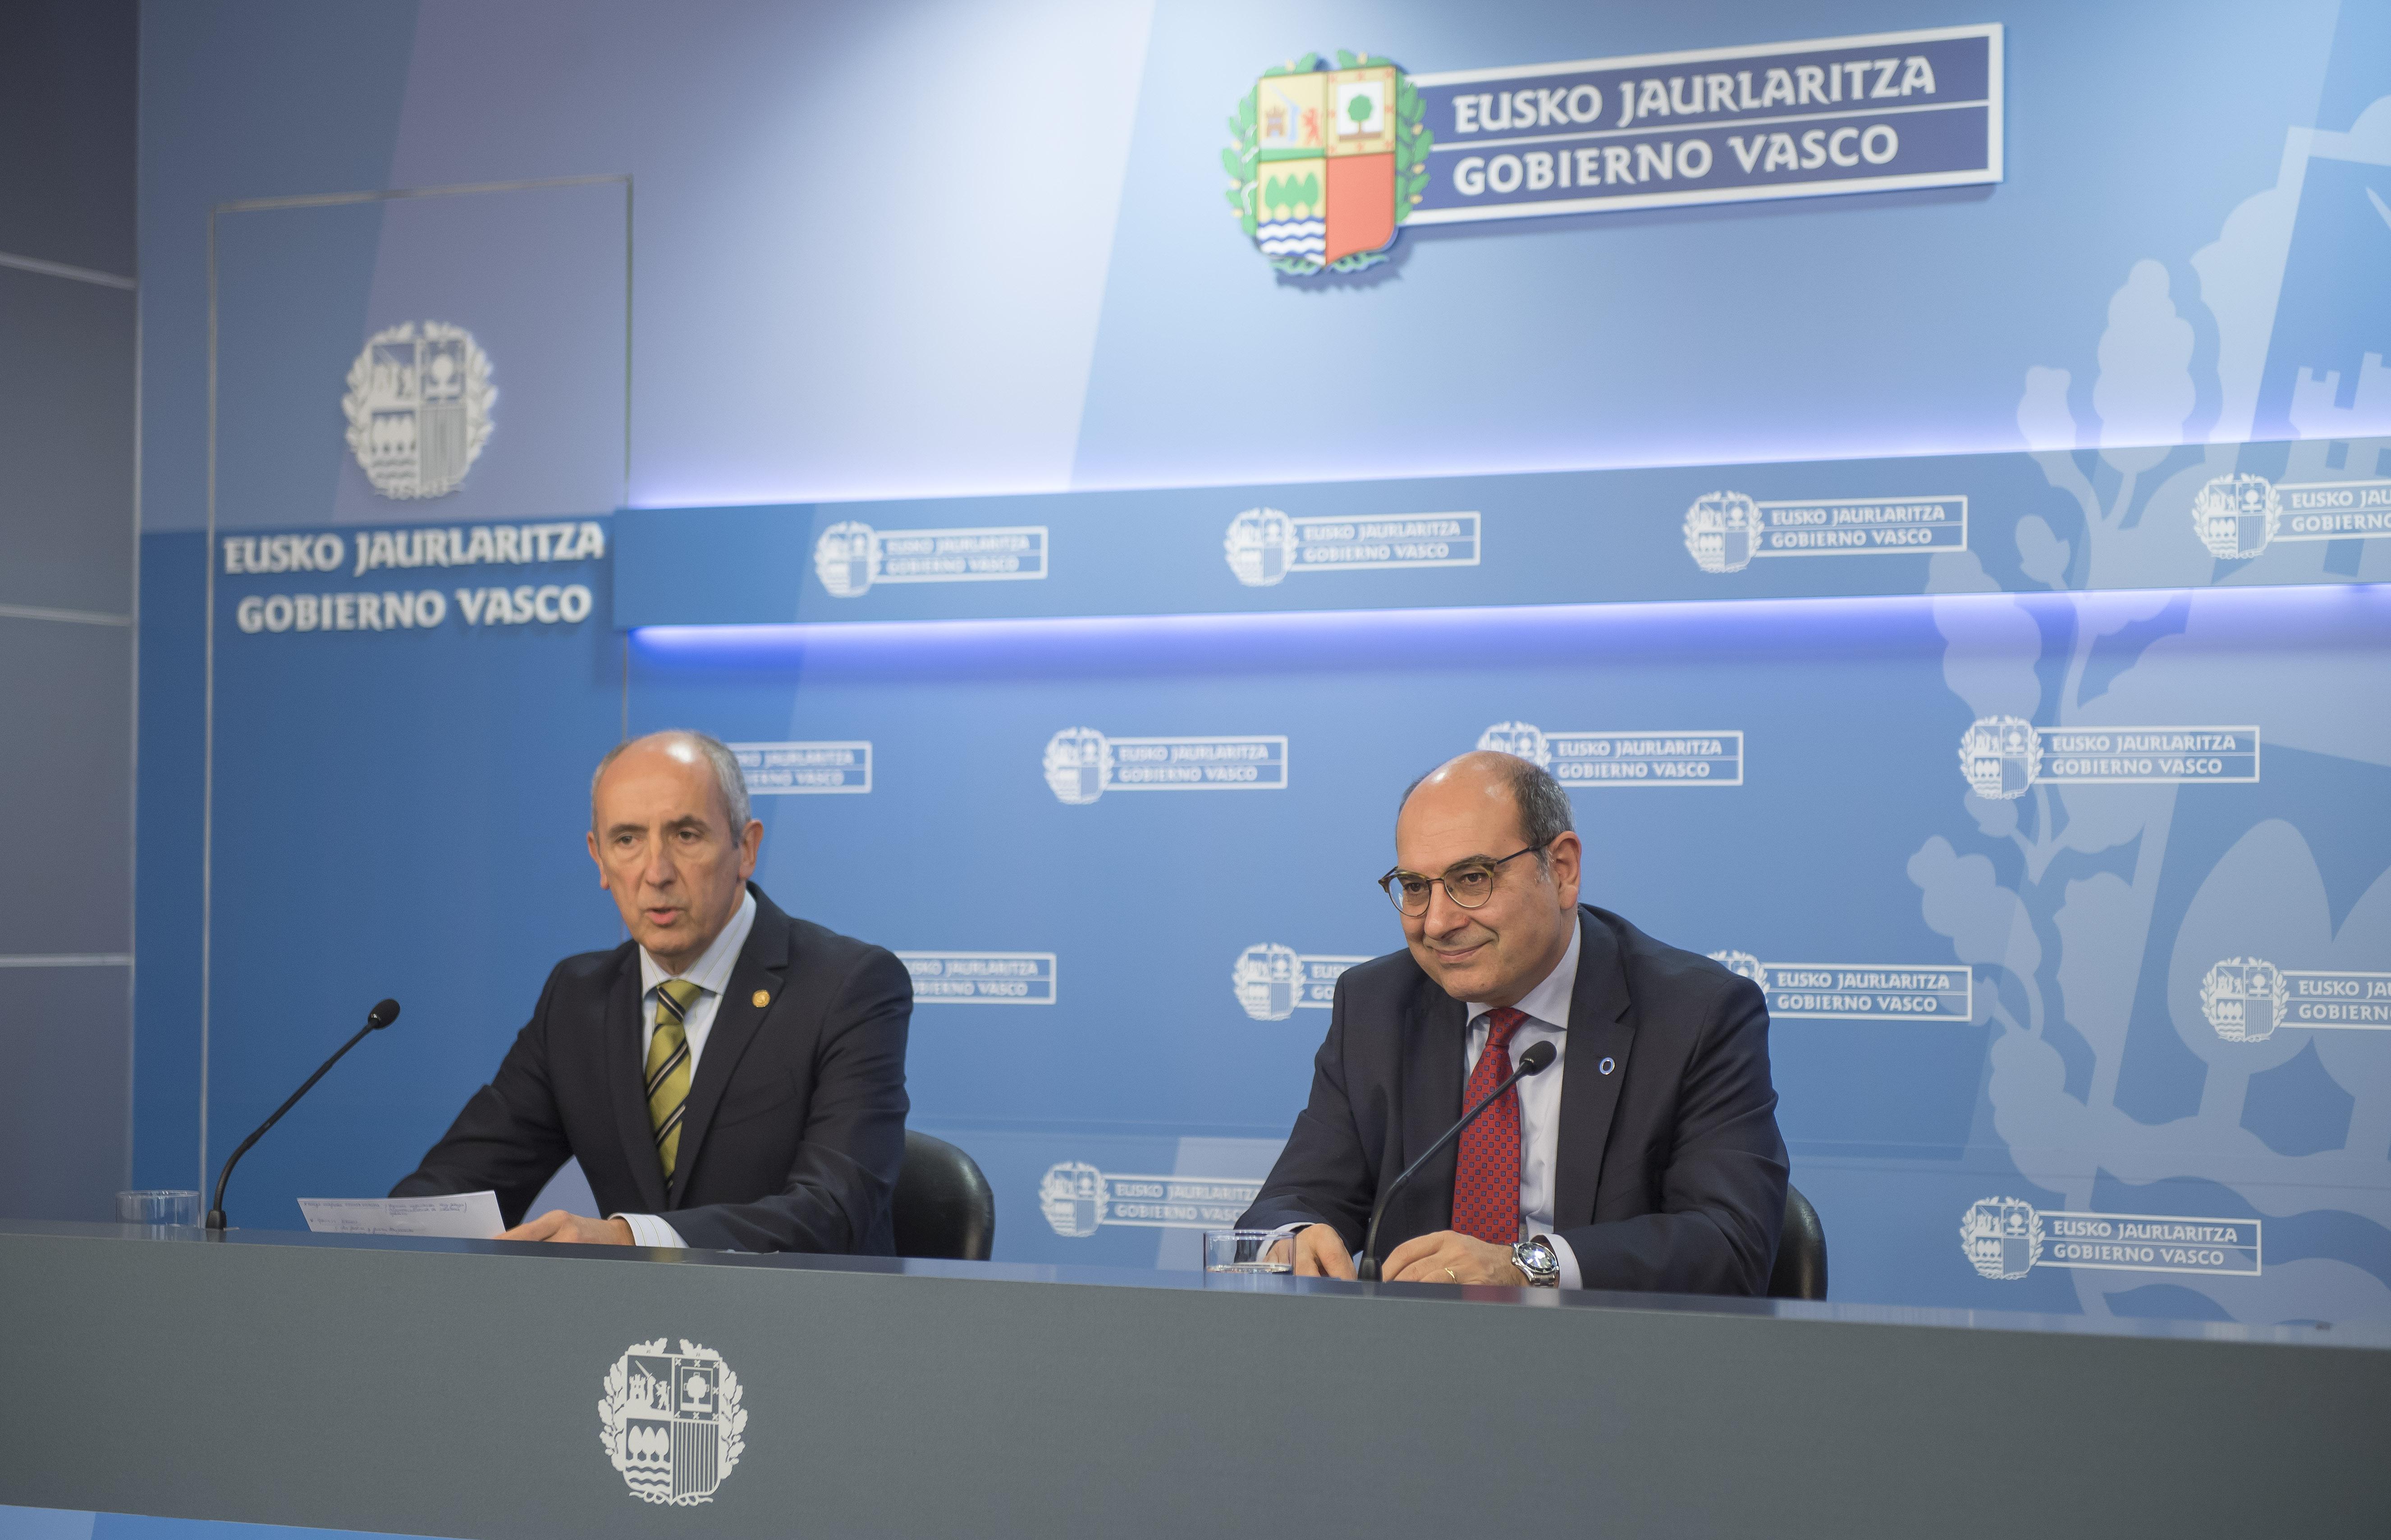 El Gobierno Vasco modifica el Decreto de ayudas económicas de compensación del copago farmacéutico para poder incorporar como beneficiarios a más colectivos vulnerables